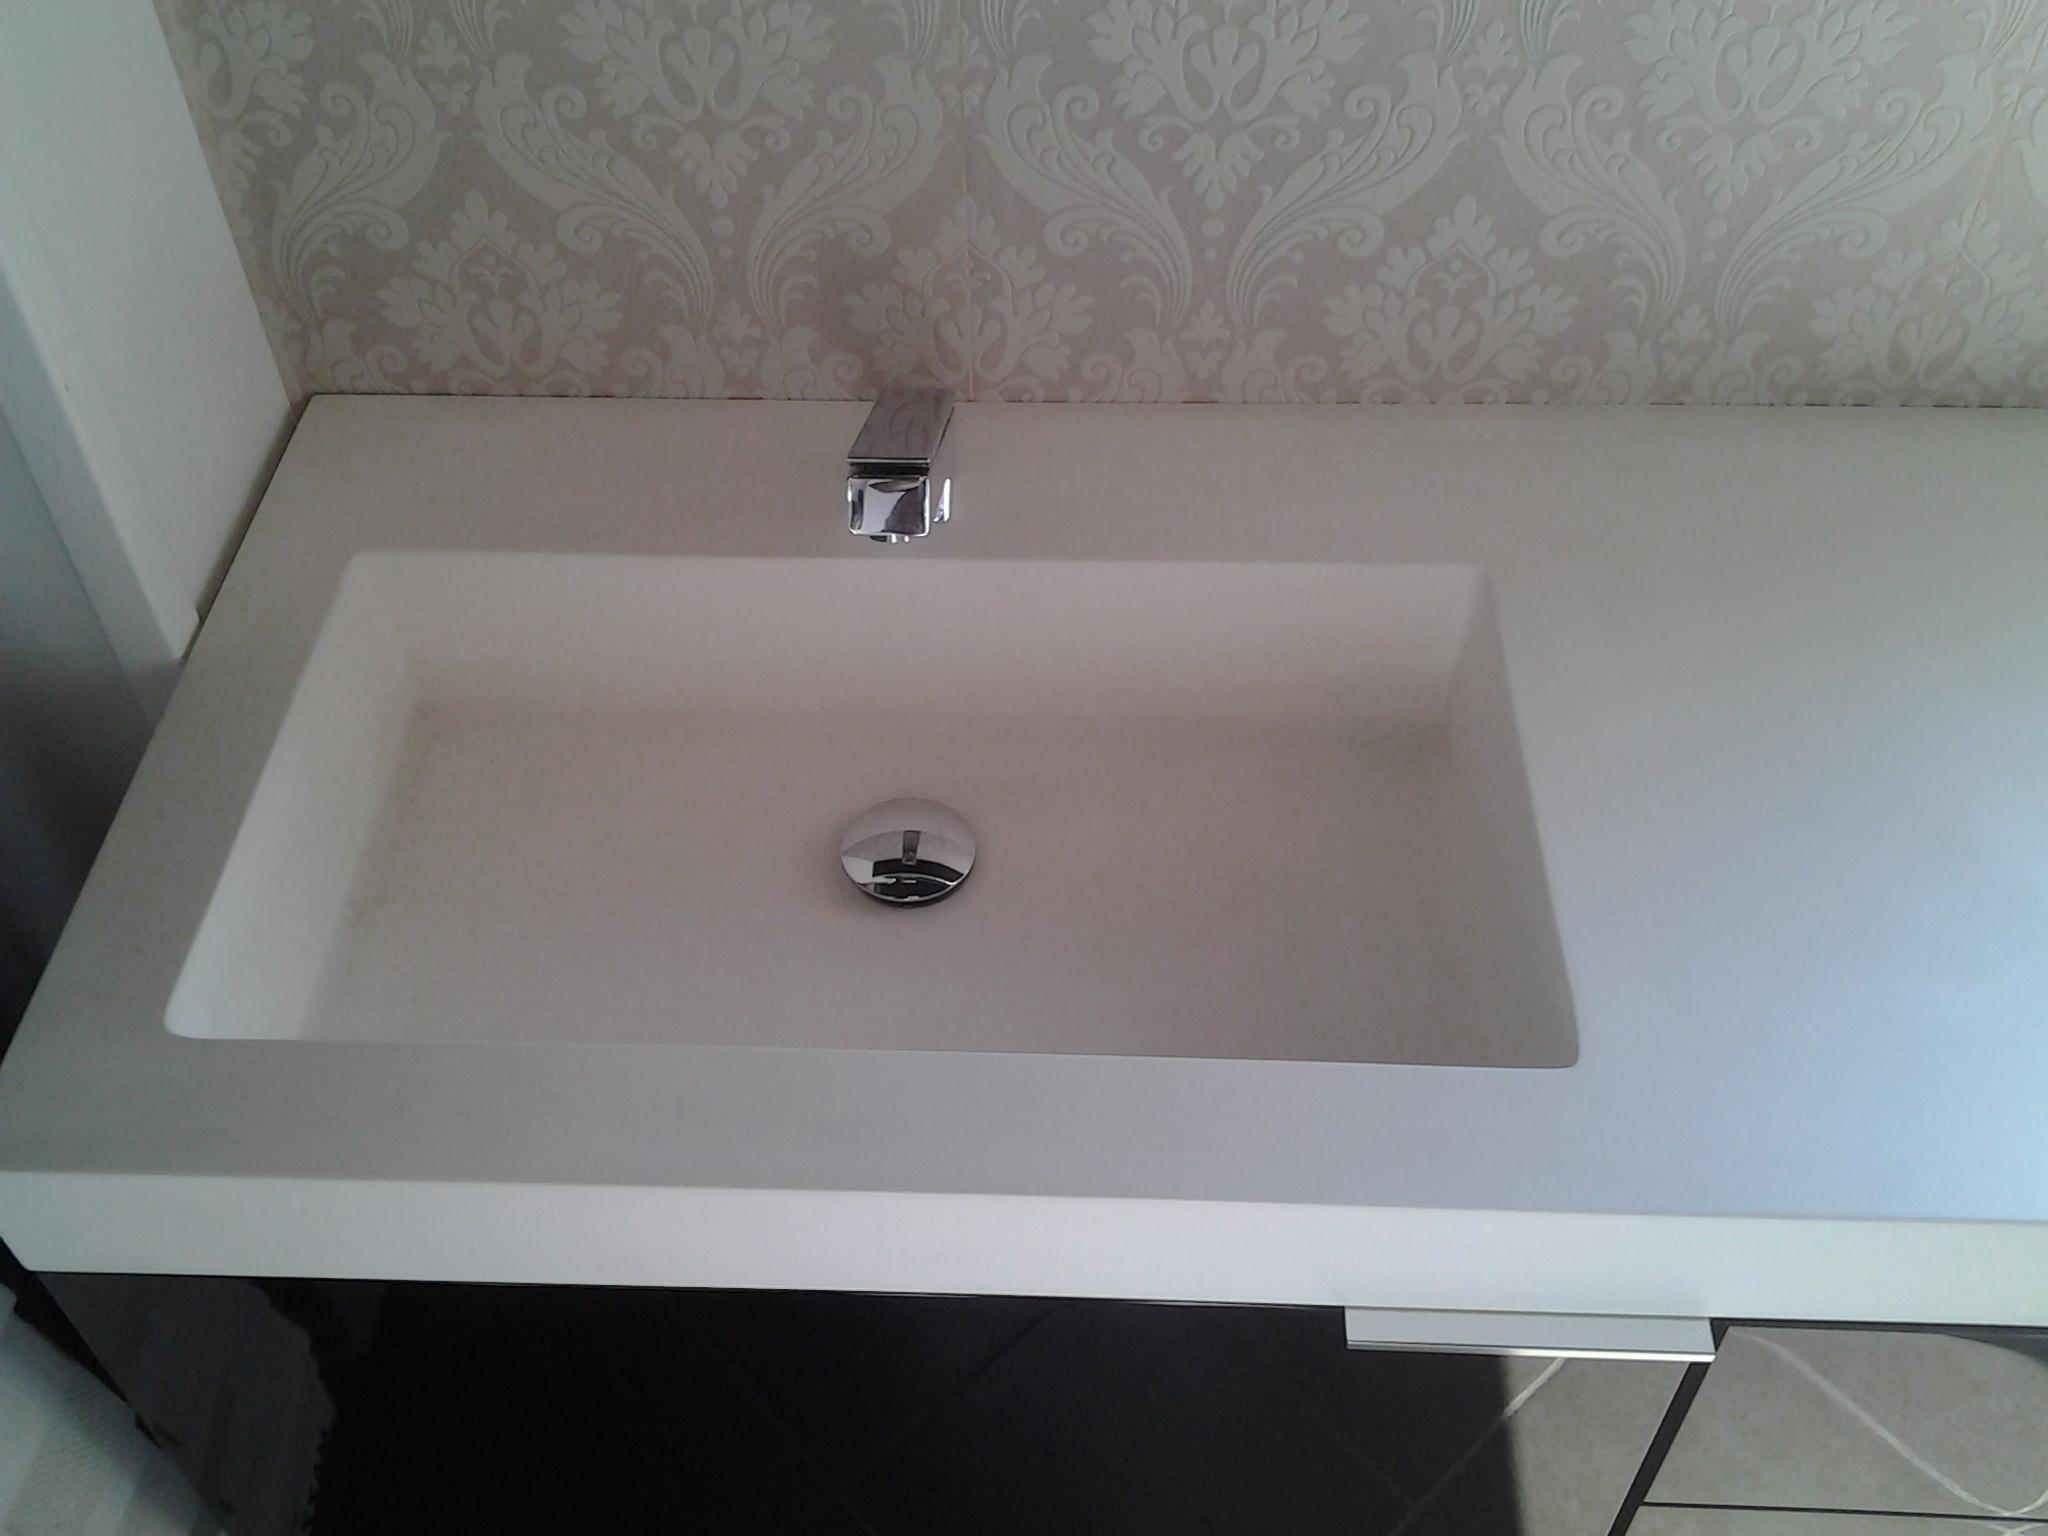 Bagno laccato nero lucido top lavabo korakril arredo for Arredo bagno lavabo